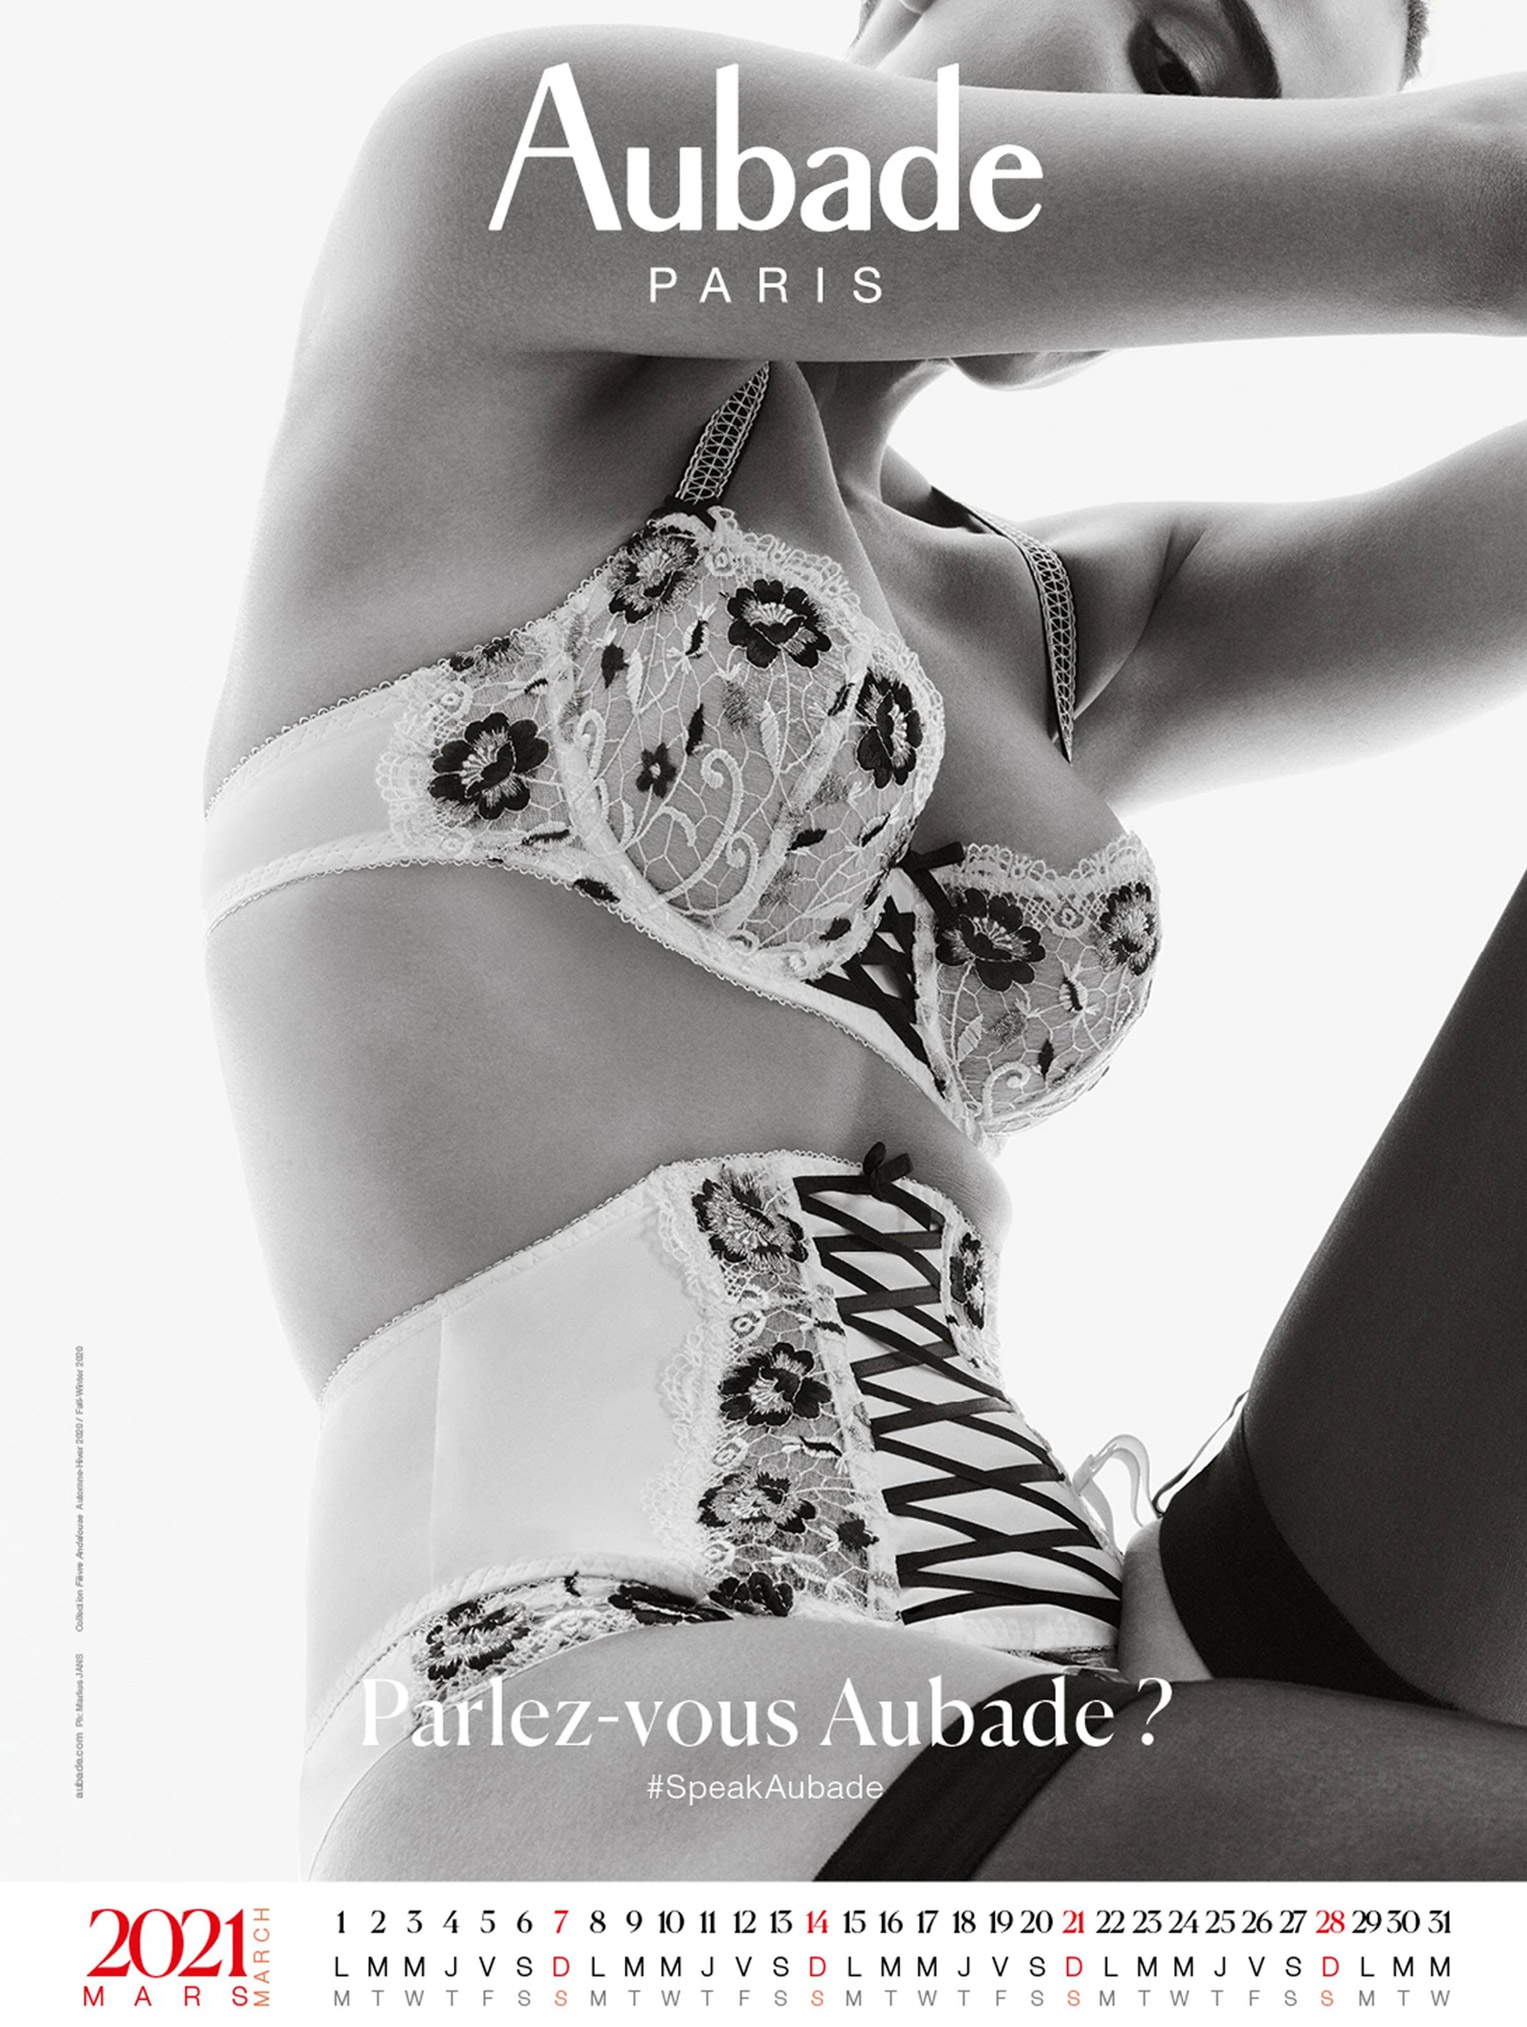 календарь французского производителя нижнего белья Aubade на 2021 год / март